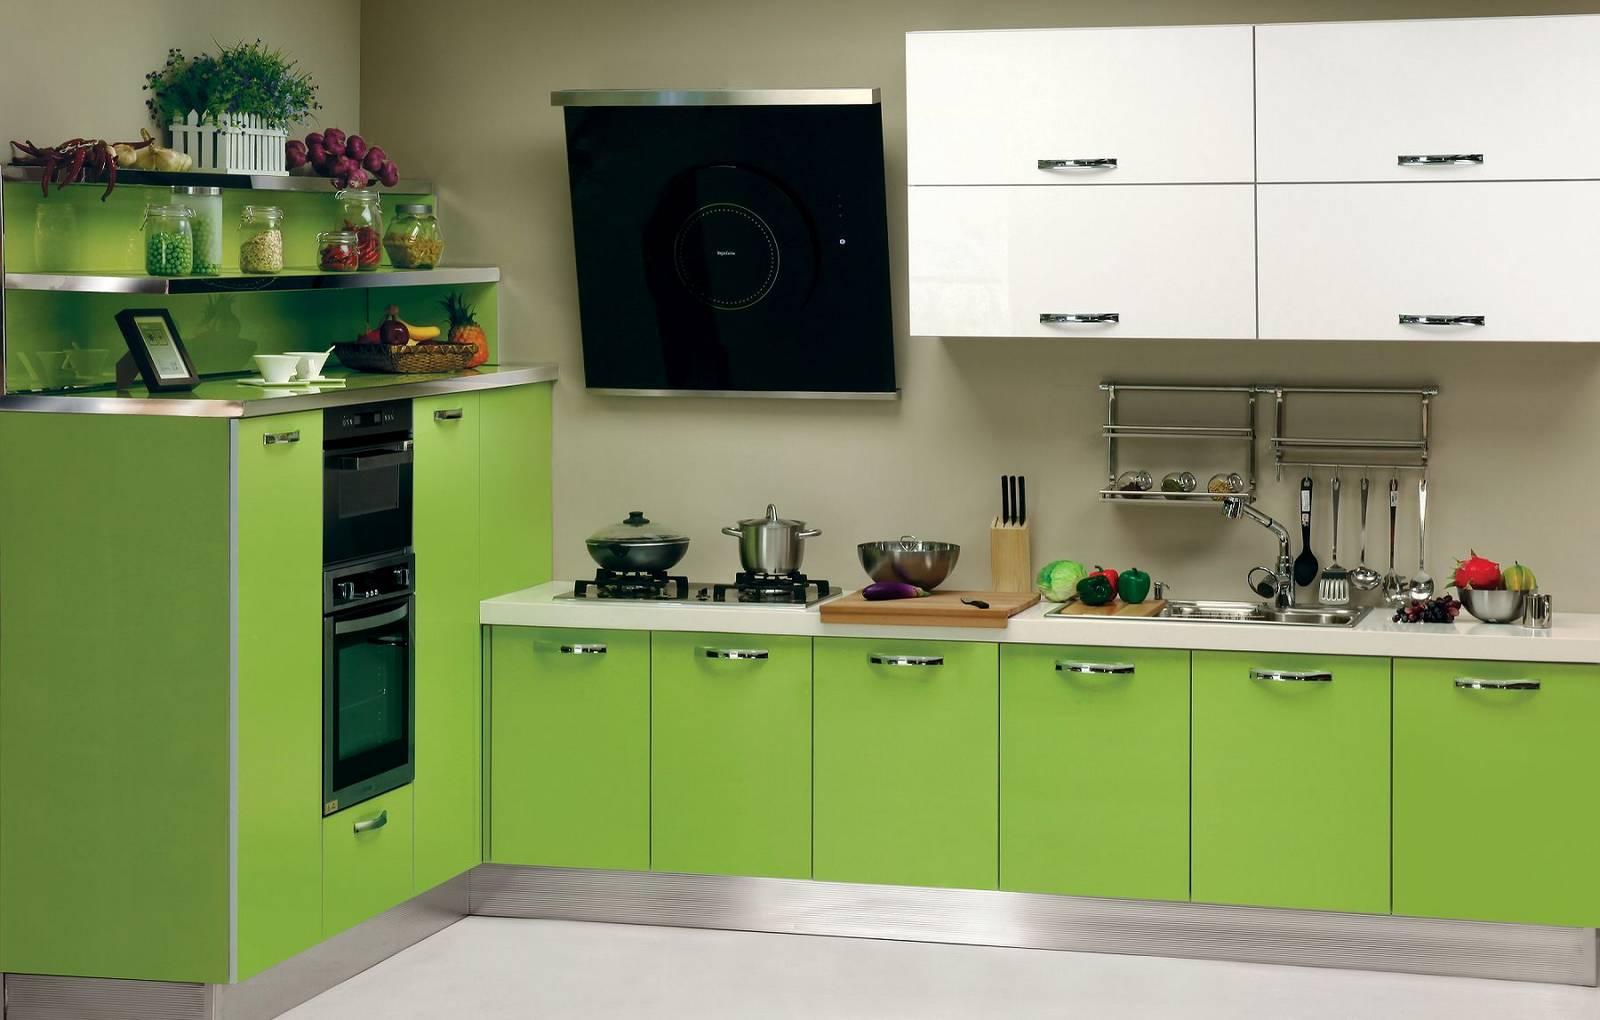 картинки кухонная мебель зеленого цвета интегрируется меню проводника